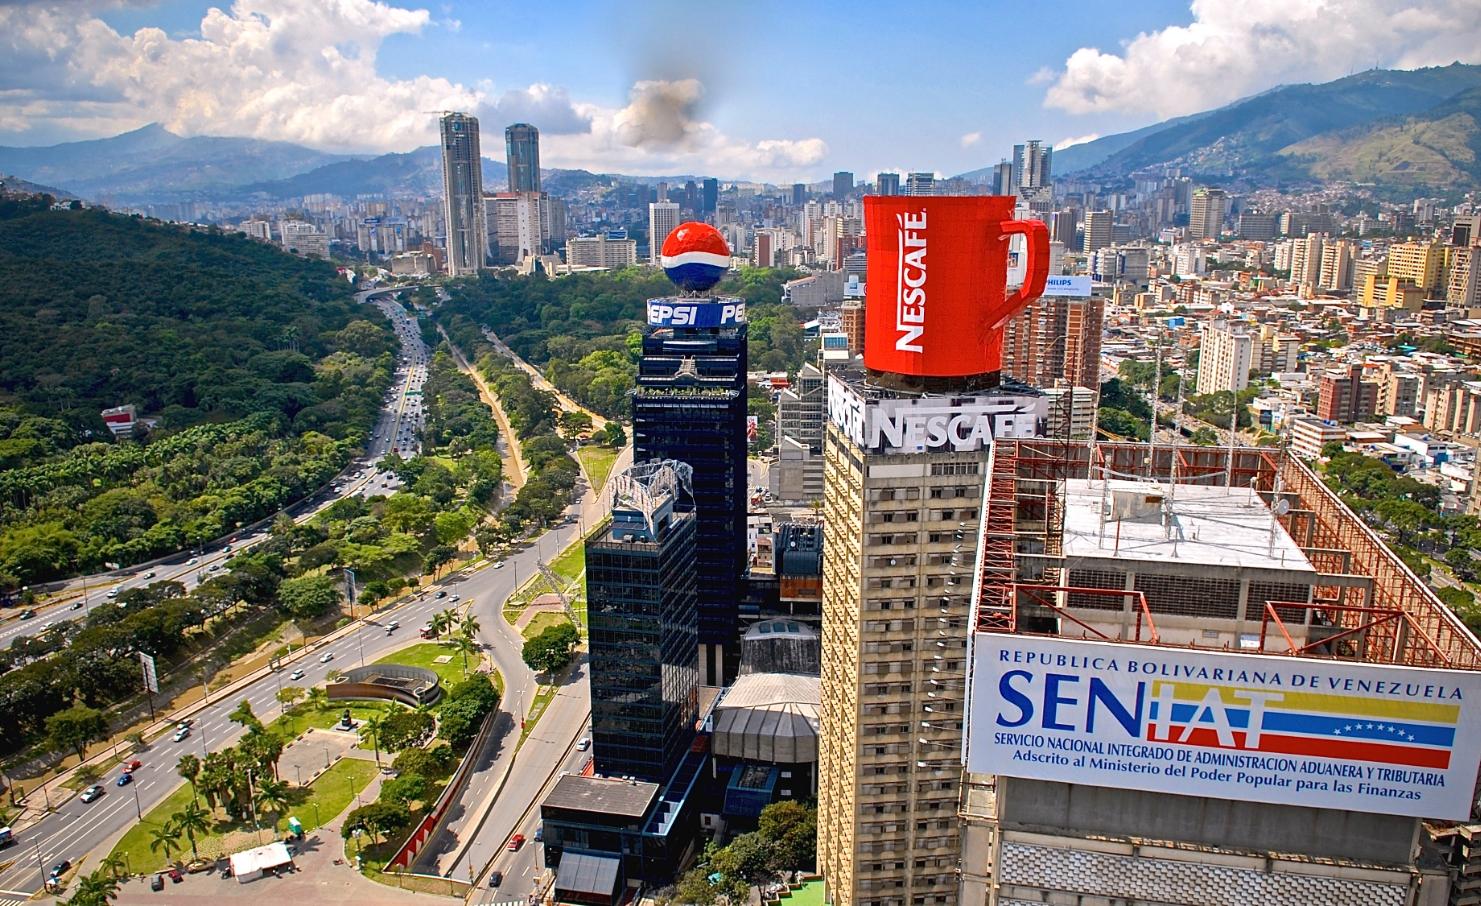 """Résultat de recherche d'images pour """"Venezuela, oil industries, pdvsa, Venezuela, oil, caracas city, 2016, 2017"""""""